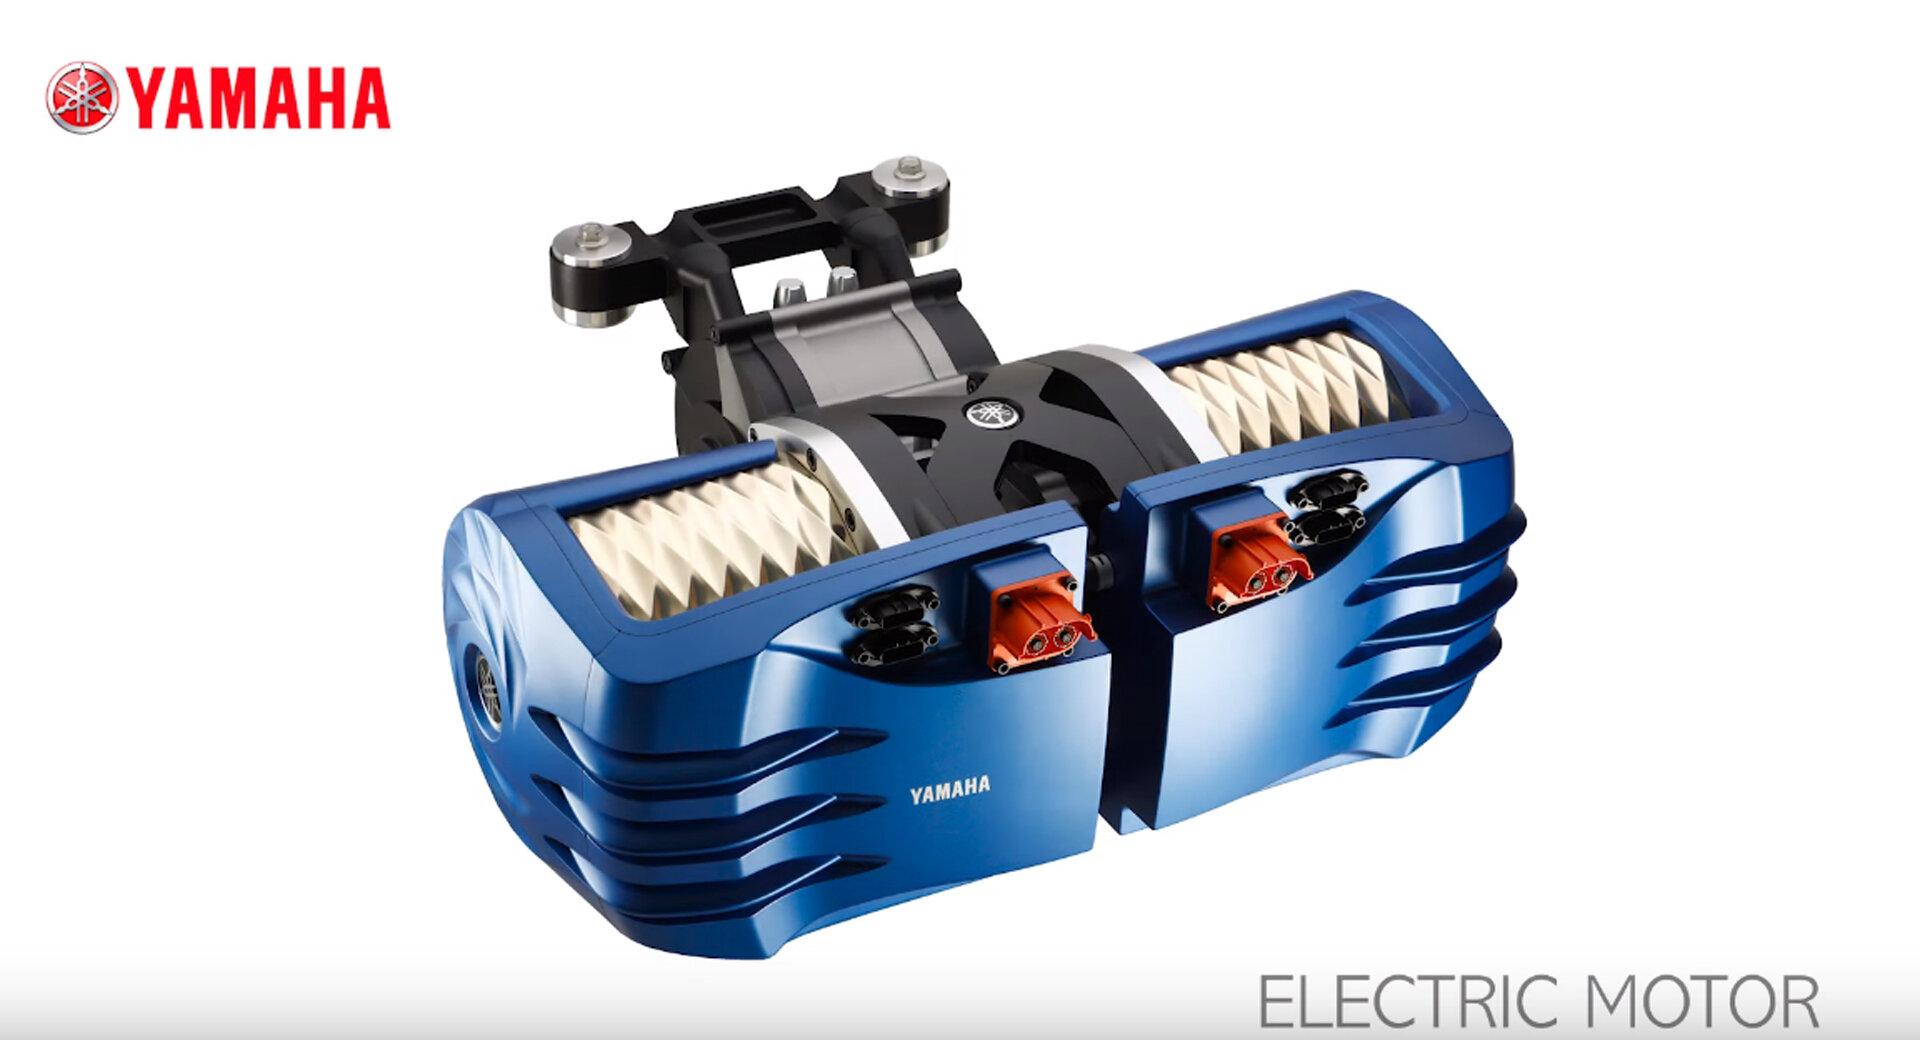 Hitachi станет поставщиком электромоторов для автомобилей, но разрабатывать их будет не в Японии2